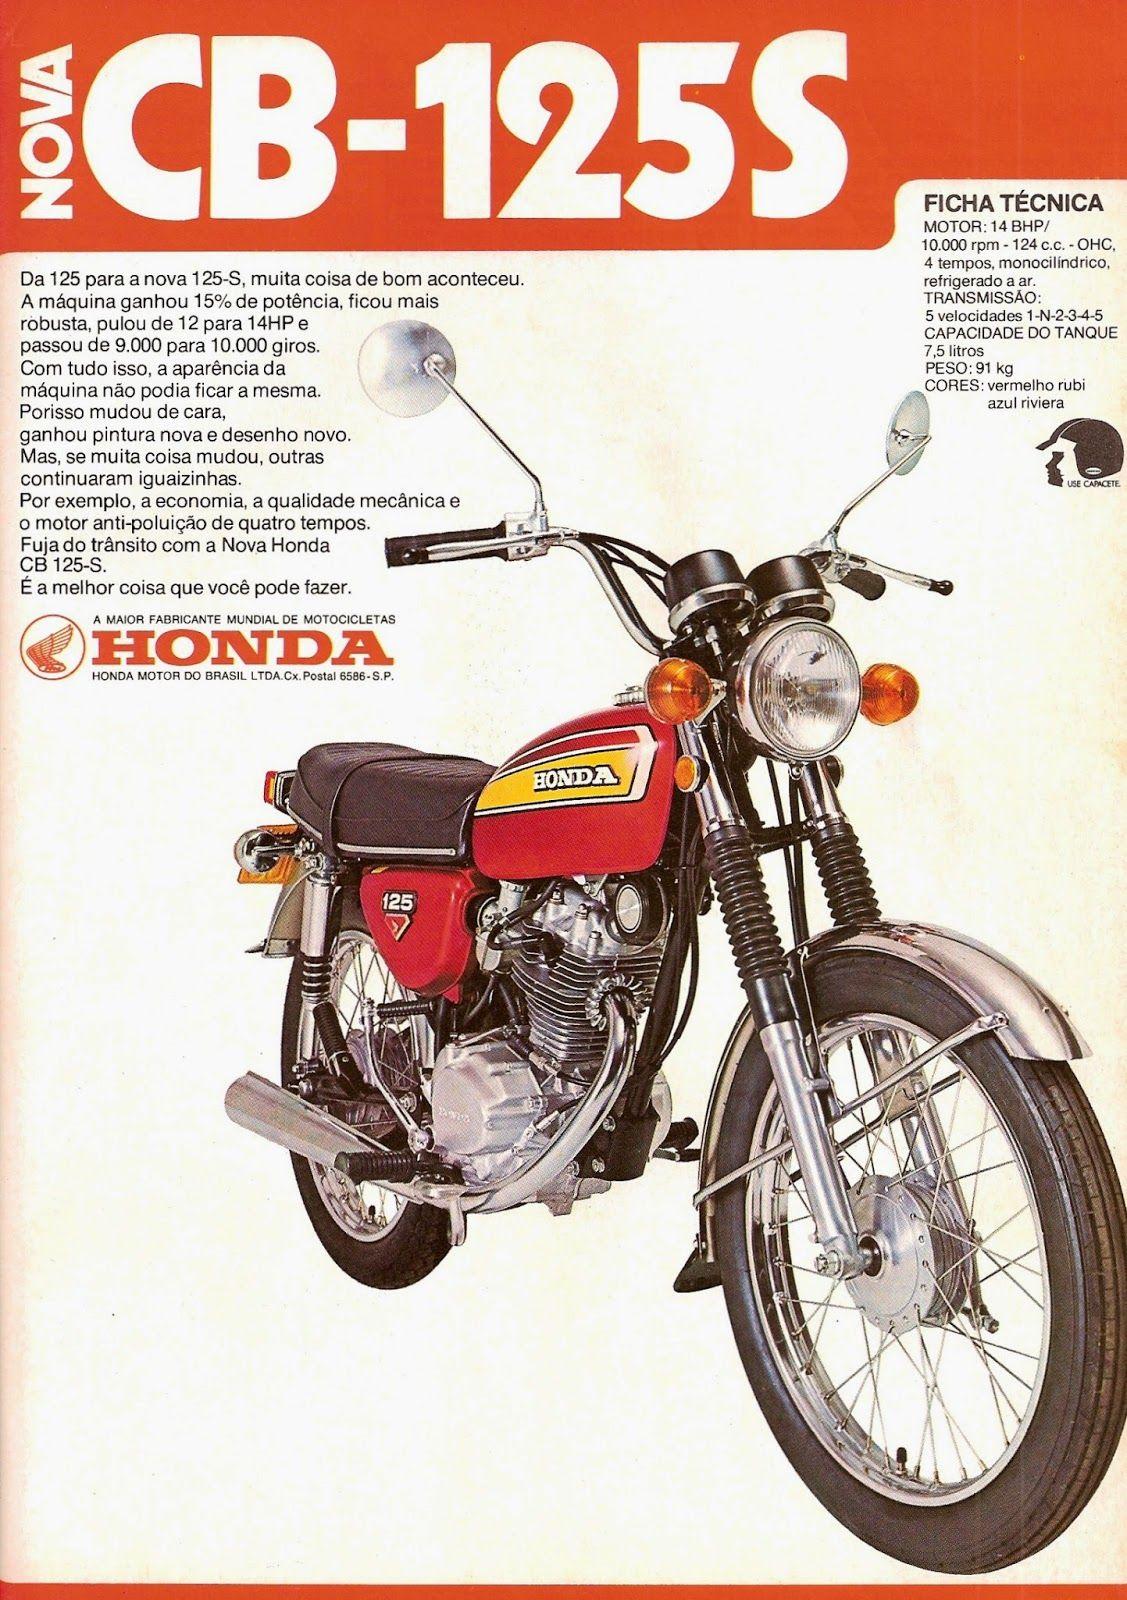 Honda Cb 125s Duas Rodas Motociclismo Out 76 Dos Recrame